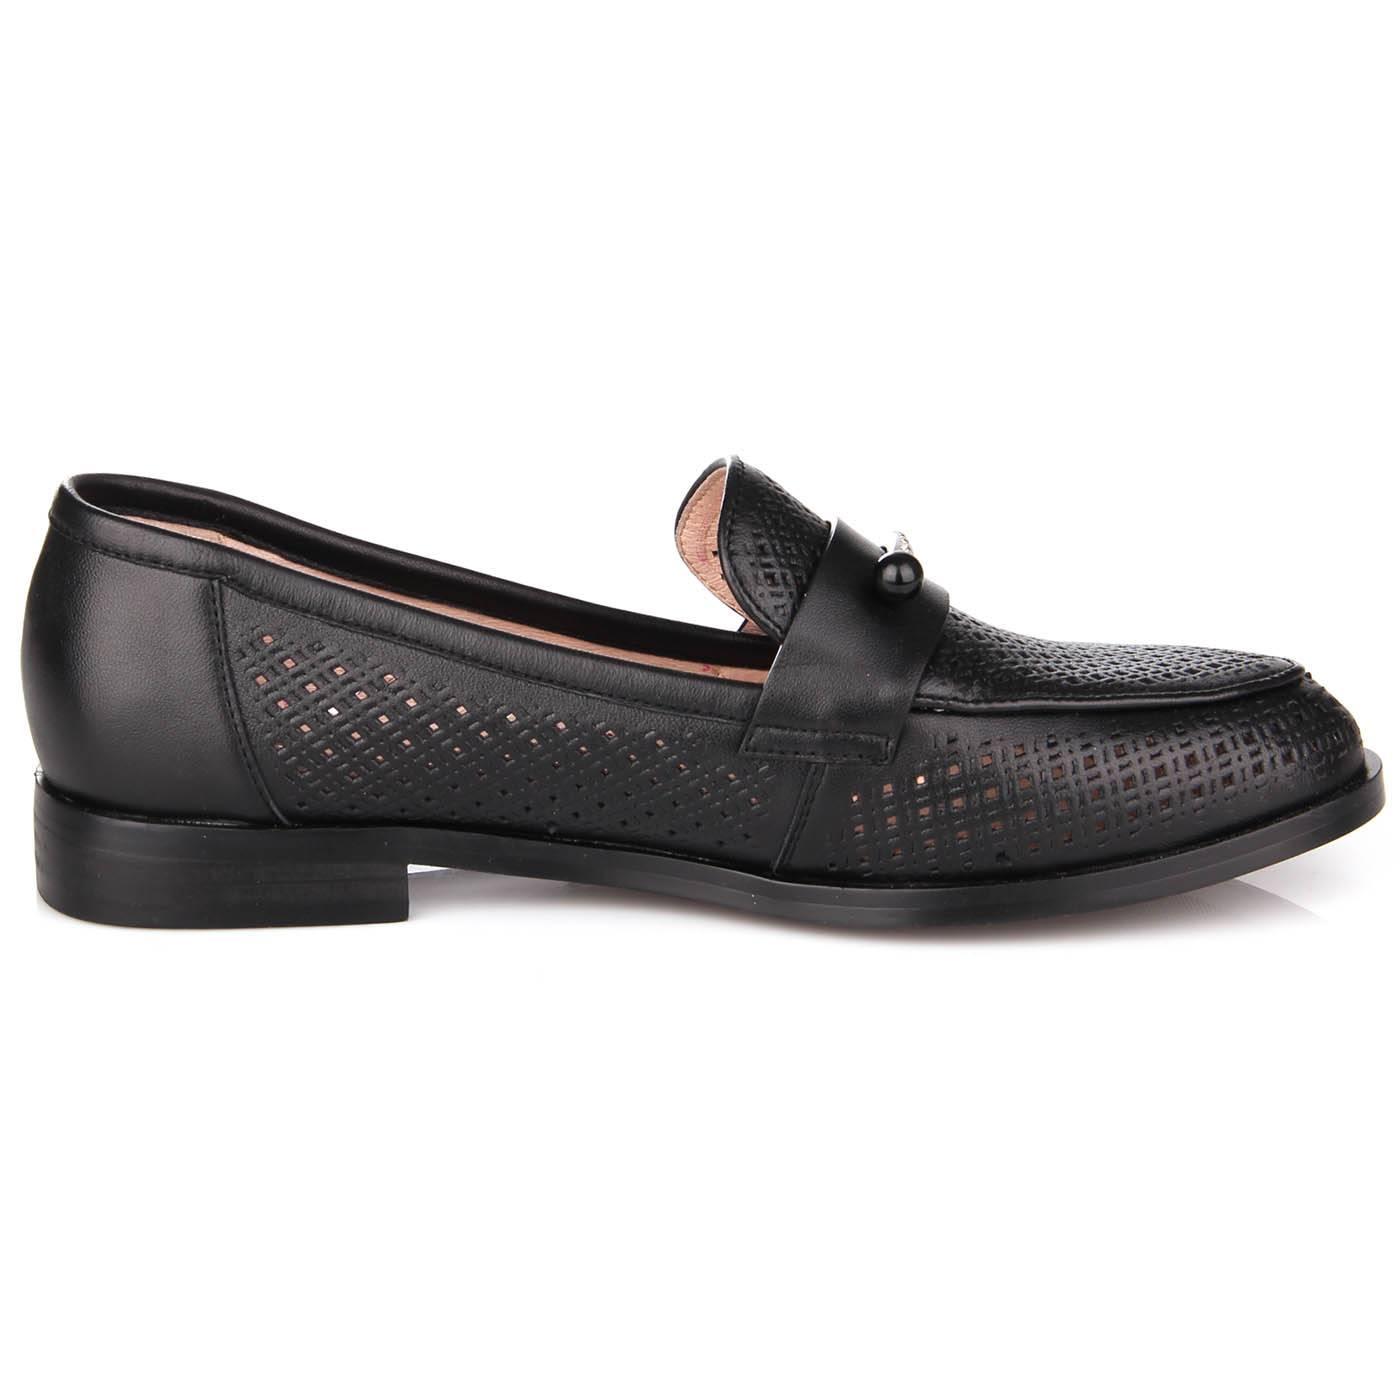 Туфлі жіночі ditto 7437 Чорний купить по выгодной цене в интернет ... 0c58847759933